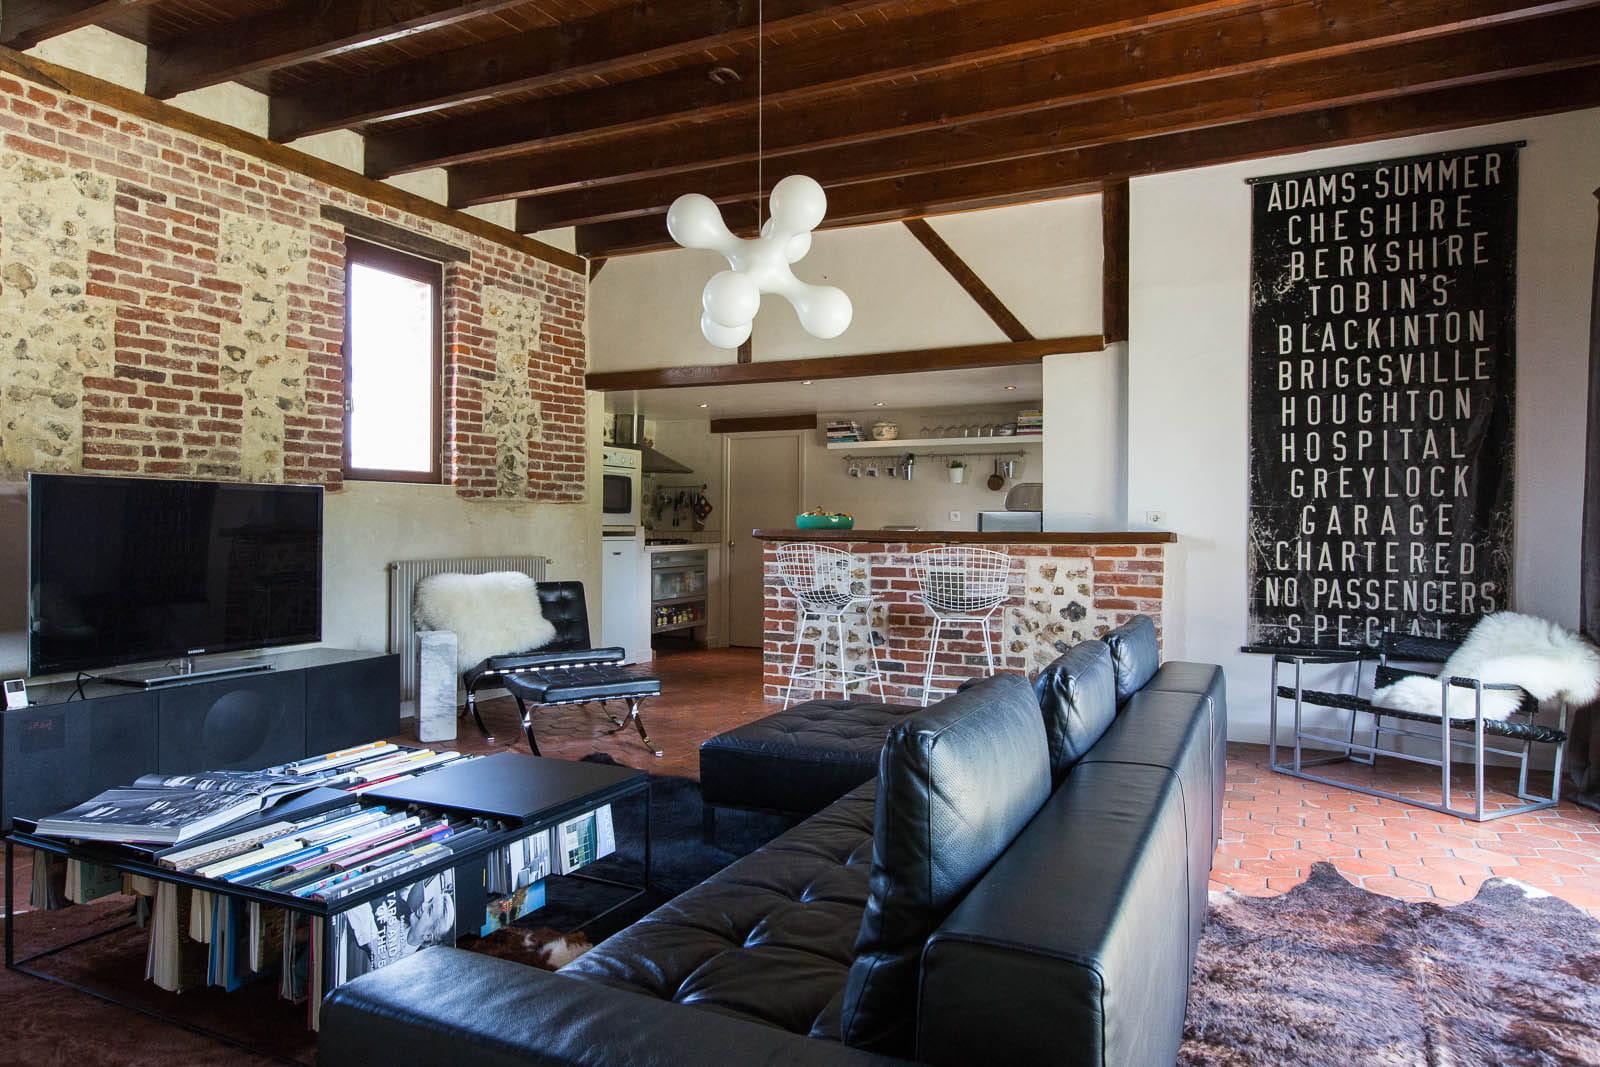 salon cuir et briques d co mix and match dans une ancienne curie journal des femmes. Black Bedroom Furniture Sets. Home Design Ideas